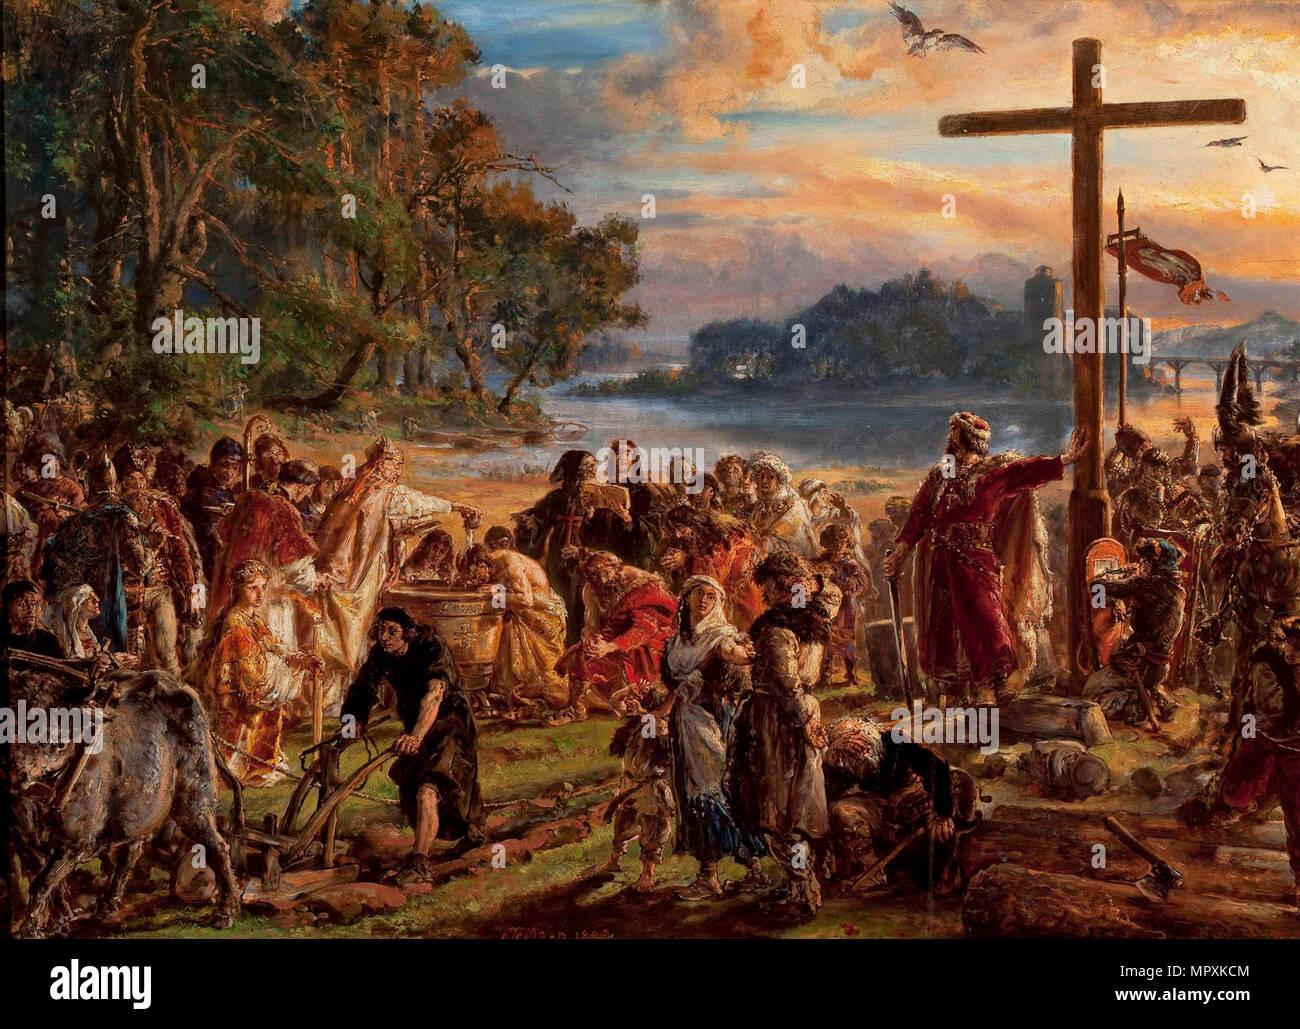 La cristianizzazione della Polonia, 966. Dalla serie storia della civiltà in Polonia, 1889. Immagini Stock